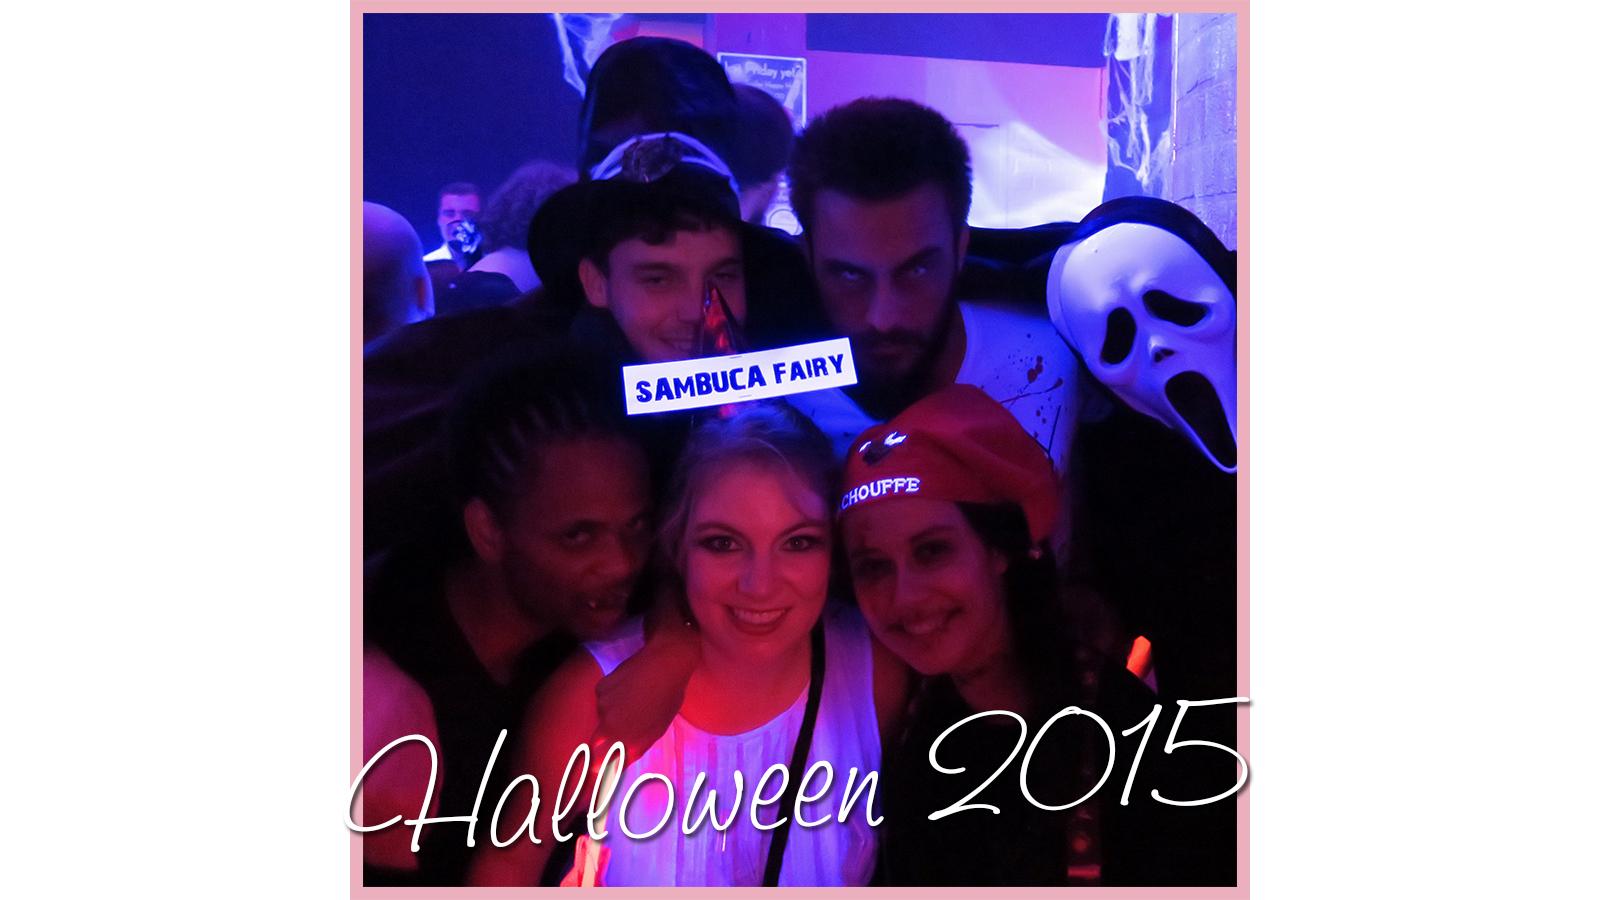 Halloween 2015 Image